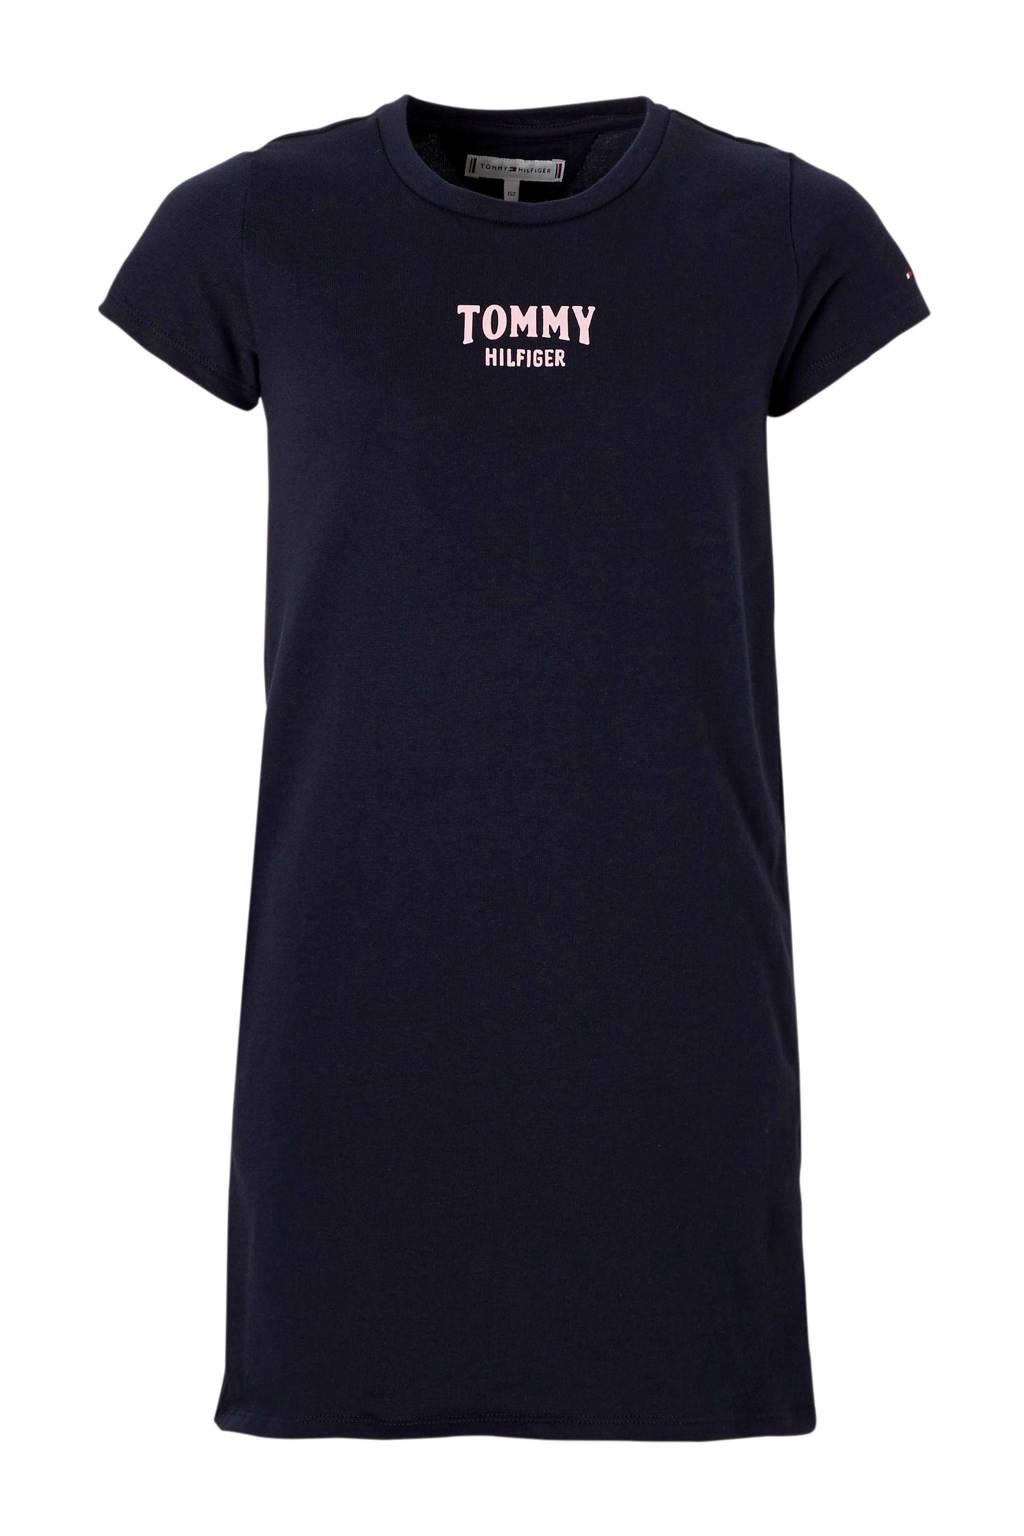 Tommy Hilfiger jurk met kleine logoprint donkerblauw, Donkerblauw